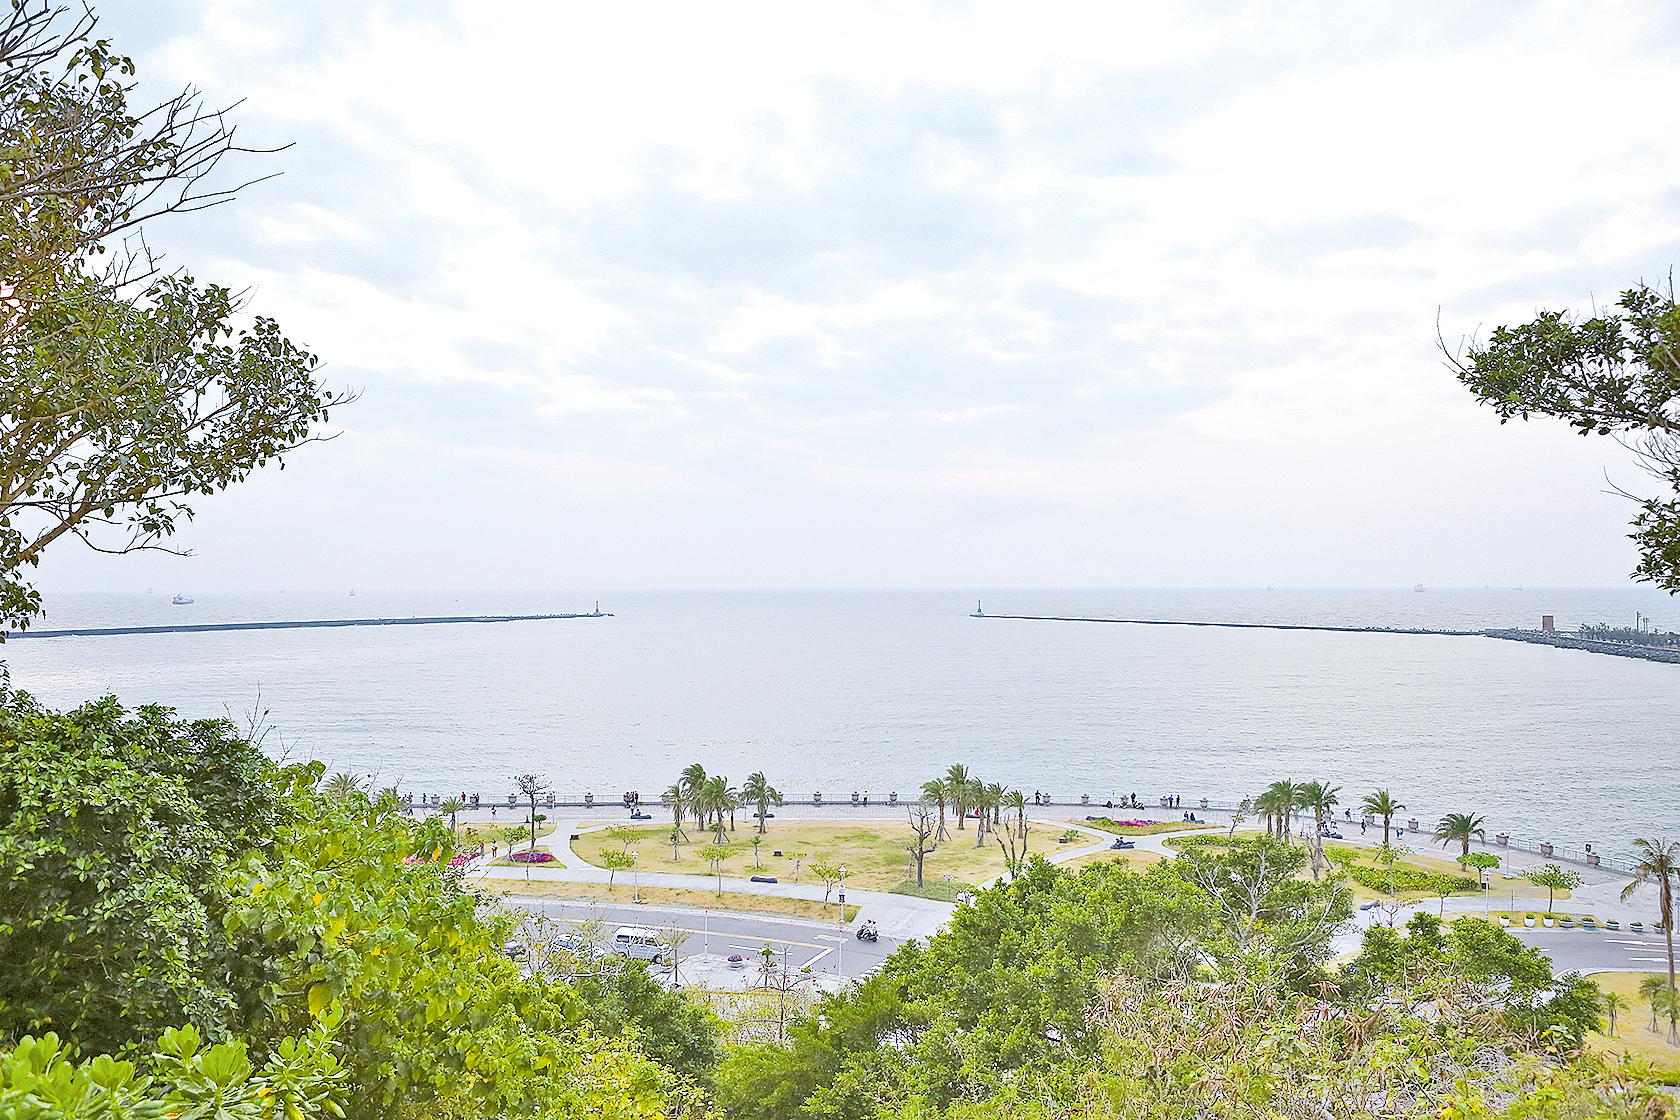 西子灣位於高雄市西側,北臨萬壽山,南臨旗津半島,為一黃澄碧藍的海水浴場,是一處以夕陽美景及天然礁石聞名的灣澳(大紀元資料室)